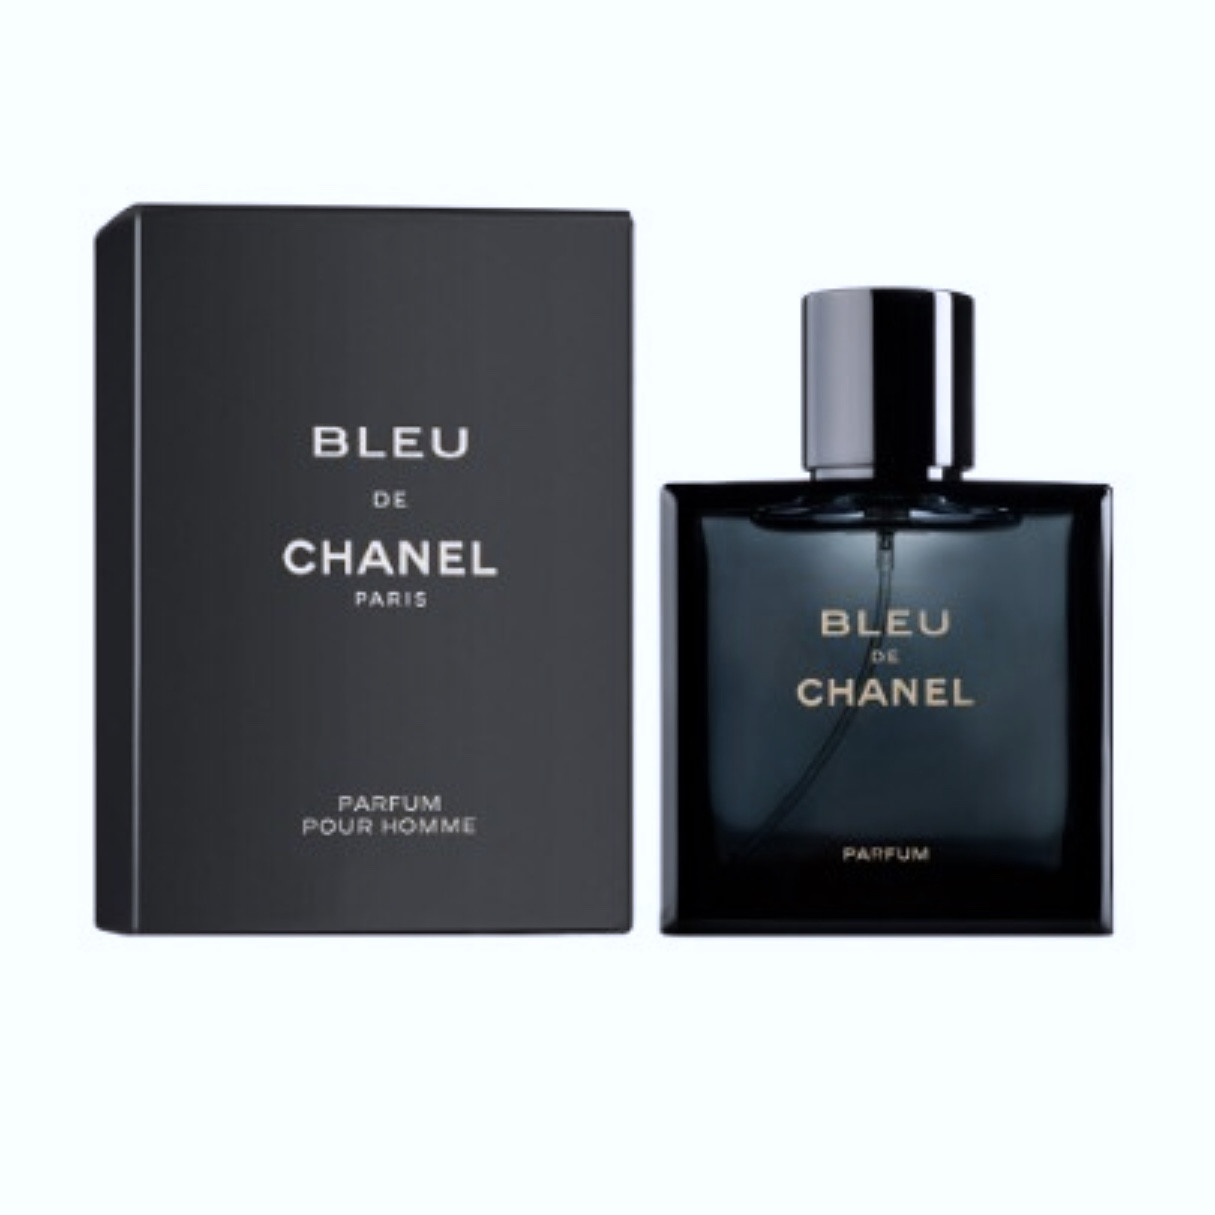 Элитные мужские духи CHANEL Bleu de Chanel Parfum 100ml, восхитительный древесный пряный аромат ОРИГИНАЛ